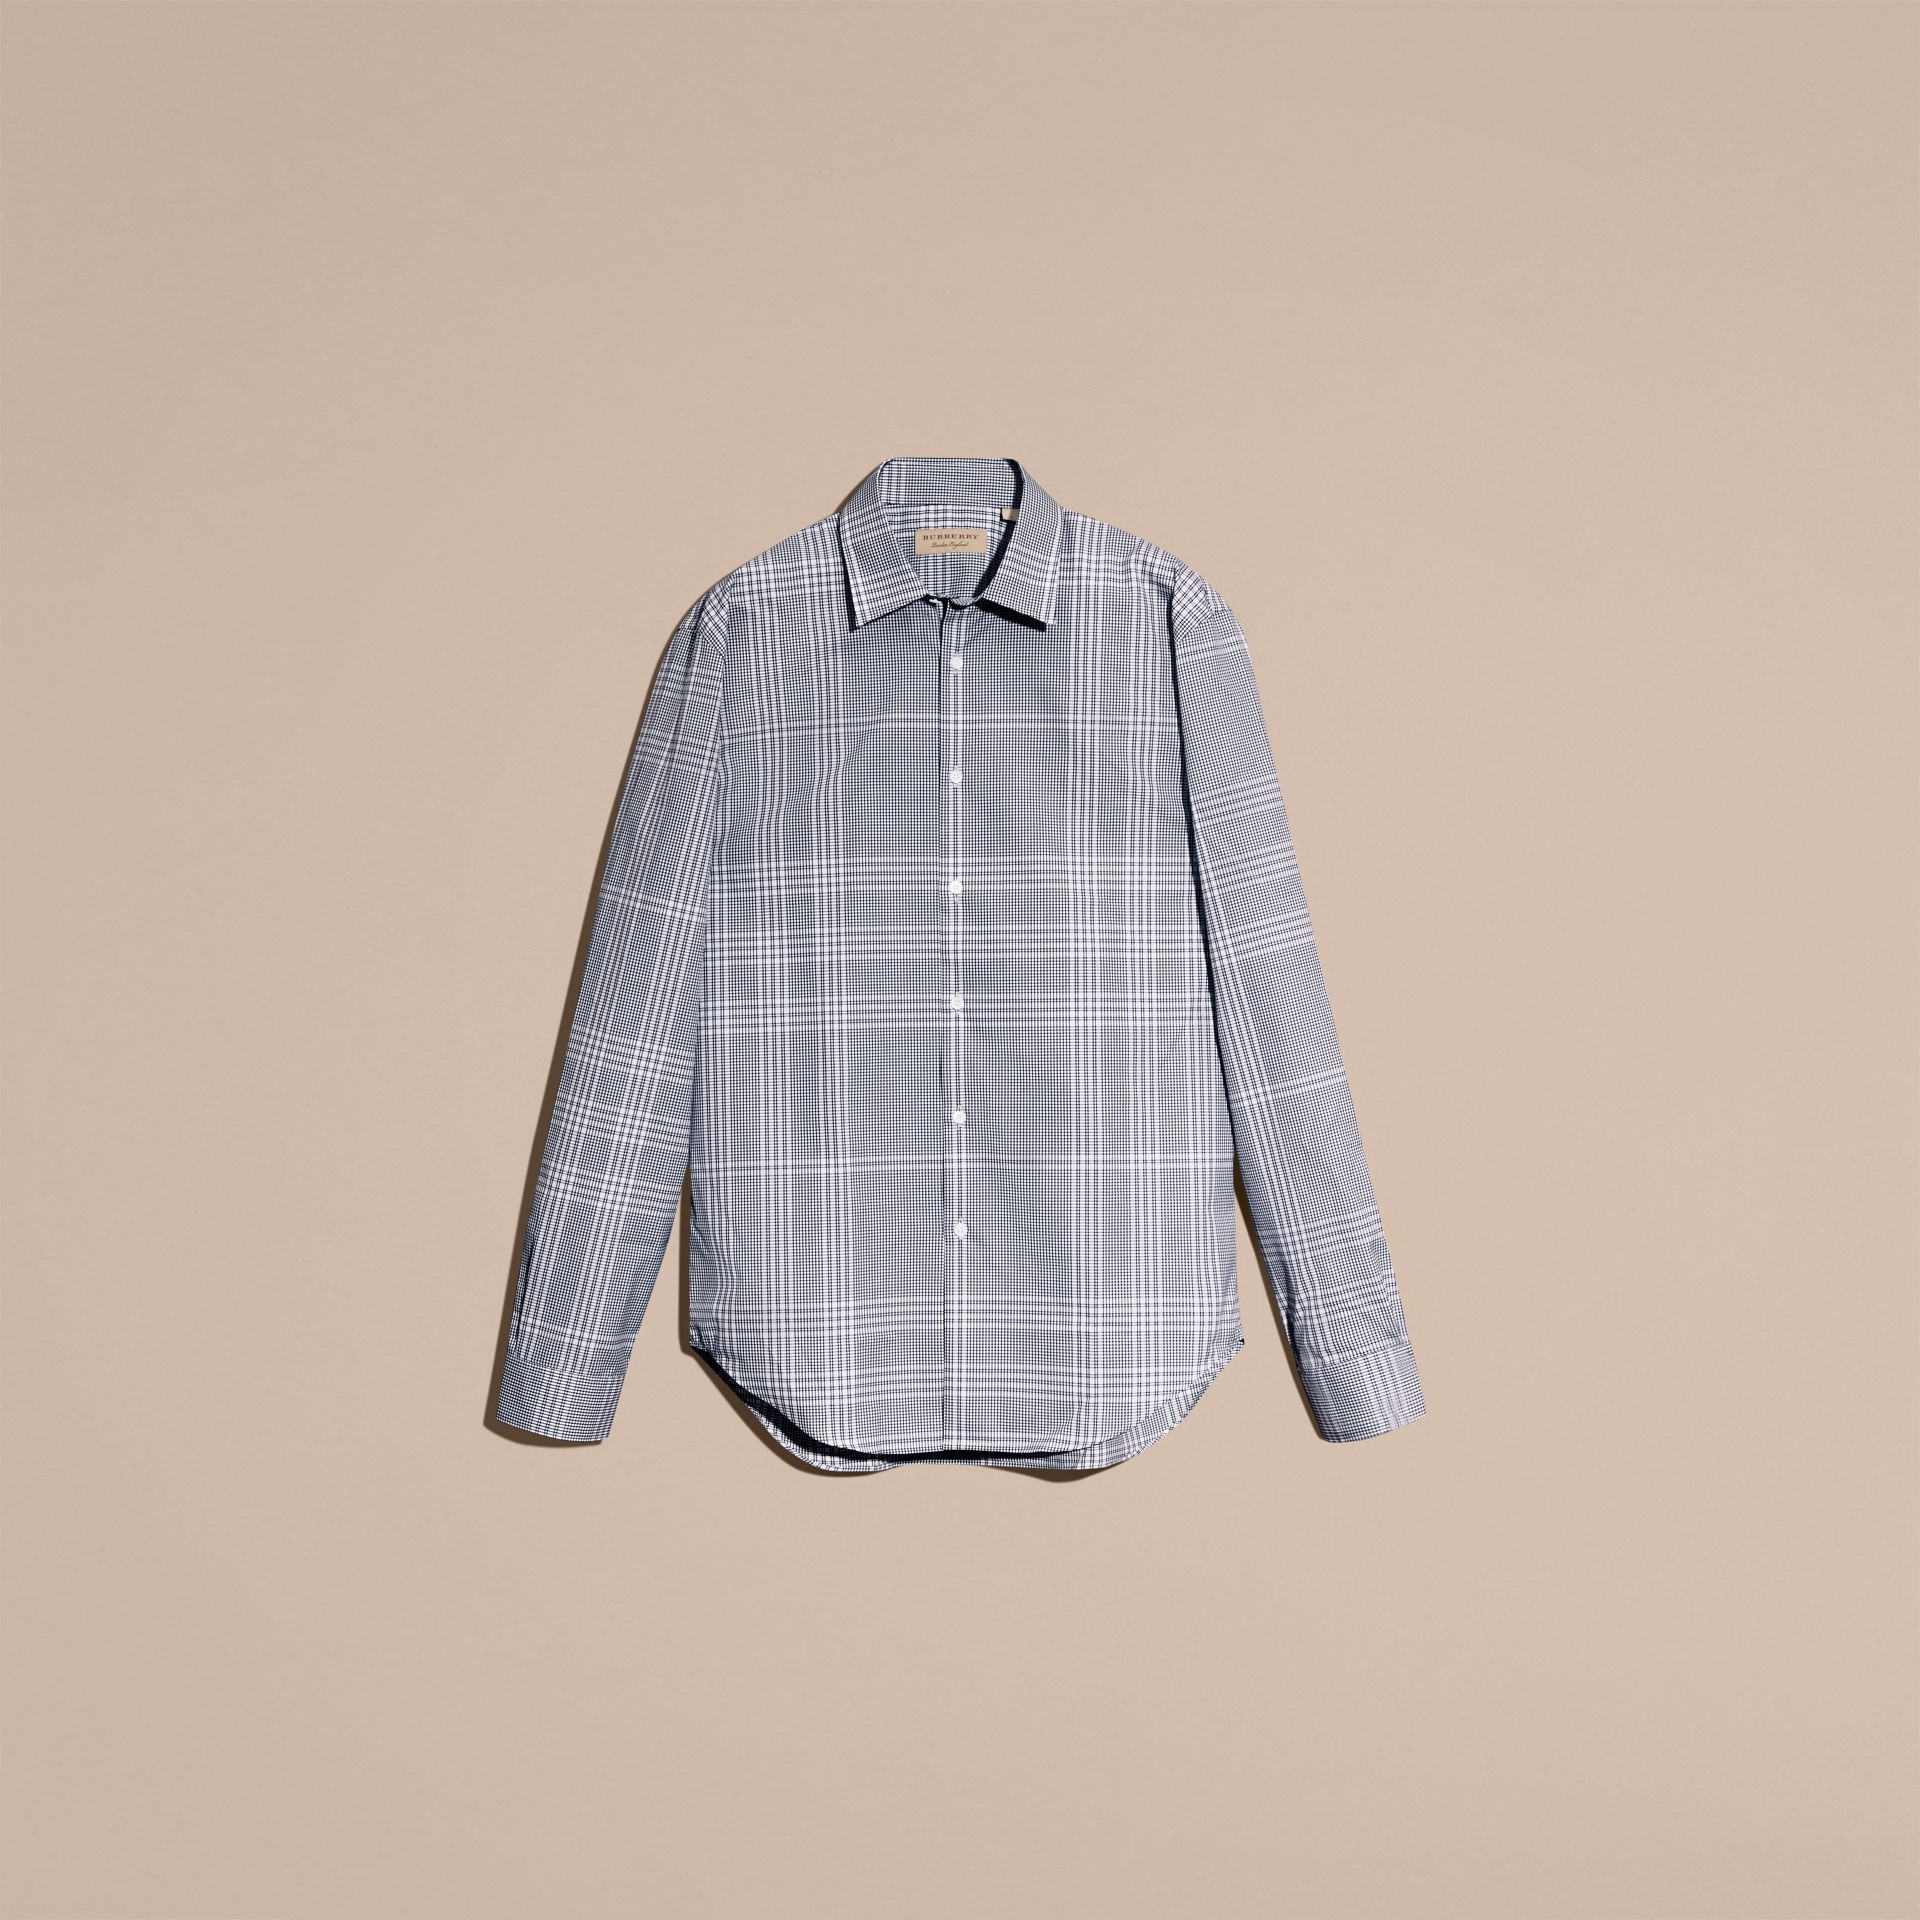 ブライトネイビー チェック コットンシャツ ブライトネイビー - ギャラリーイメージ 4